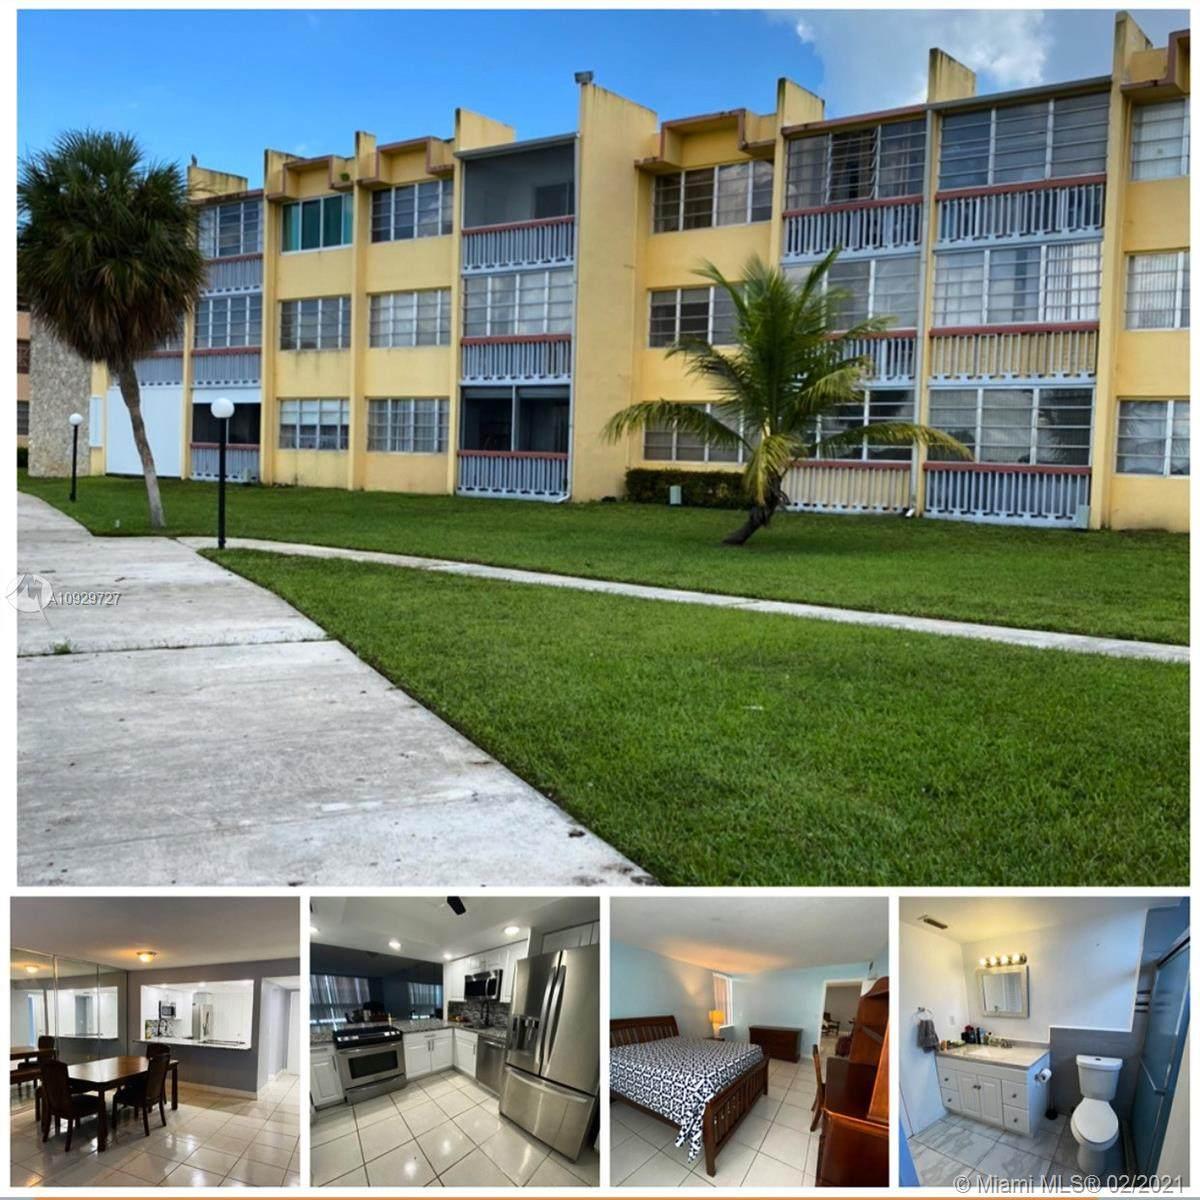 1551 Miami Gardens Dr - Photo 1